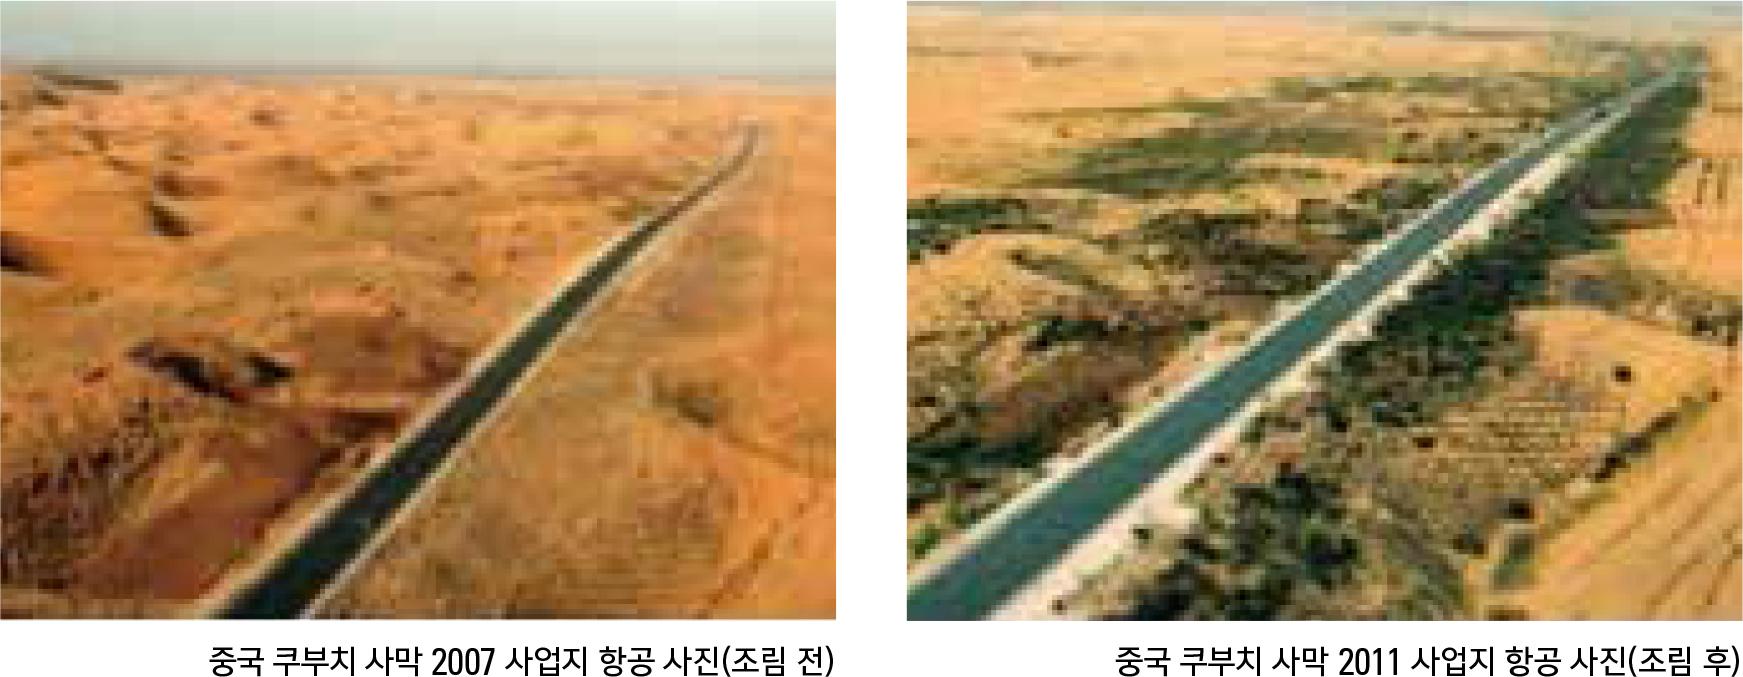 중국사막화방지조림사업지원